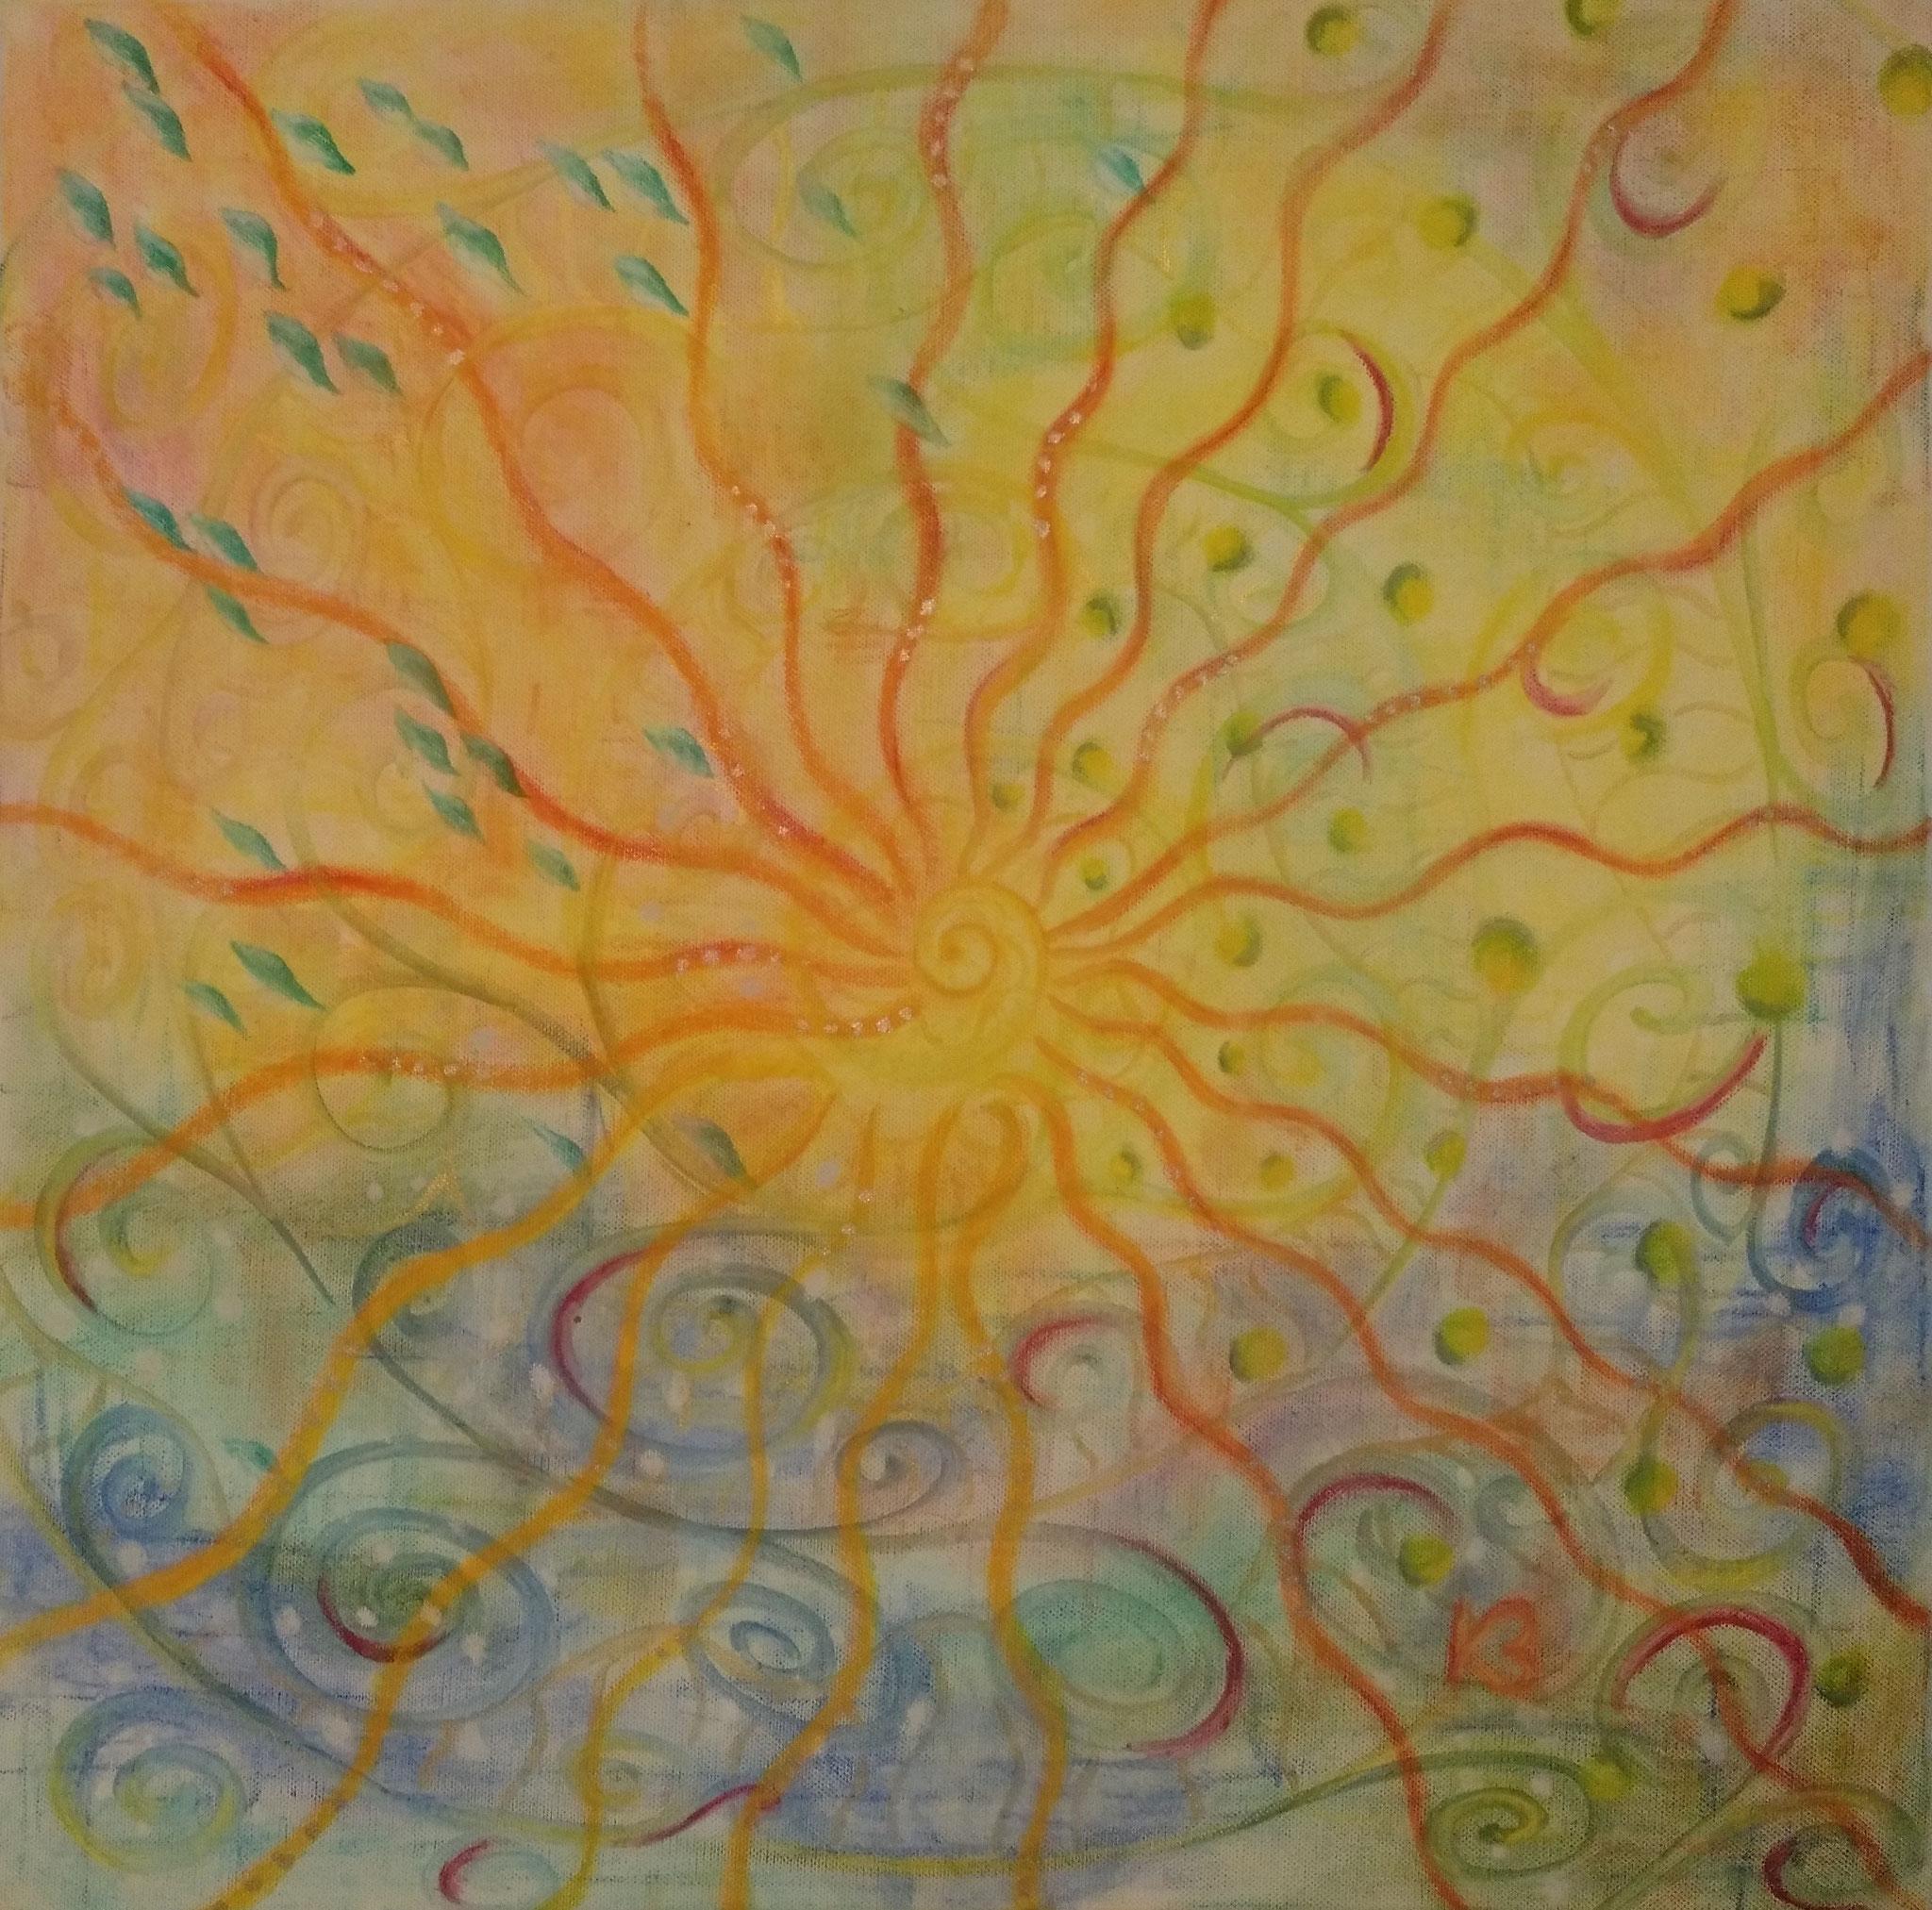 Elemente - 60 x 60 - Pastell und Acryl auf Leinwand - Fr. 500.-